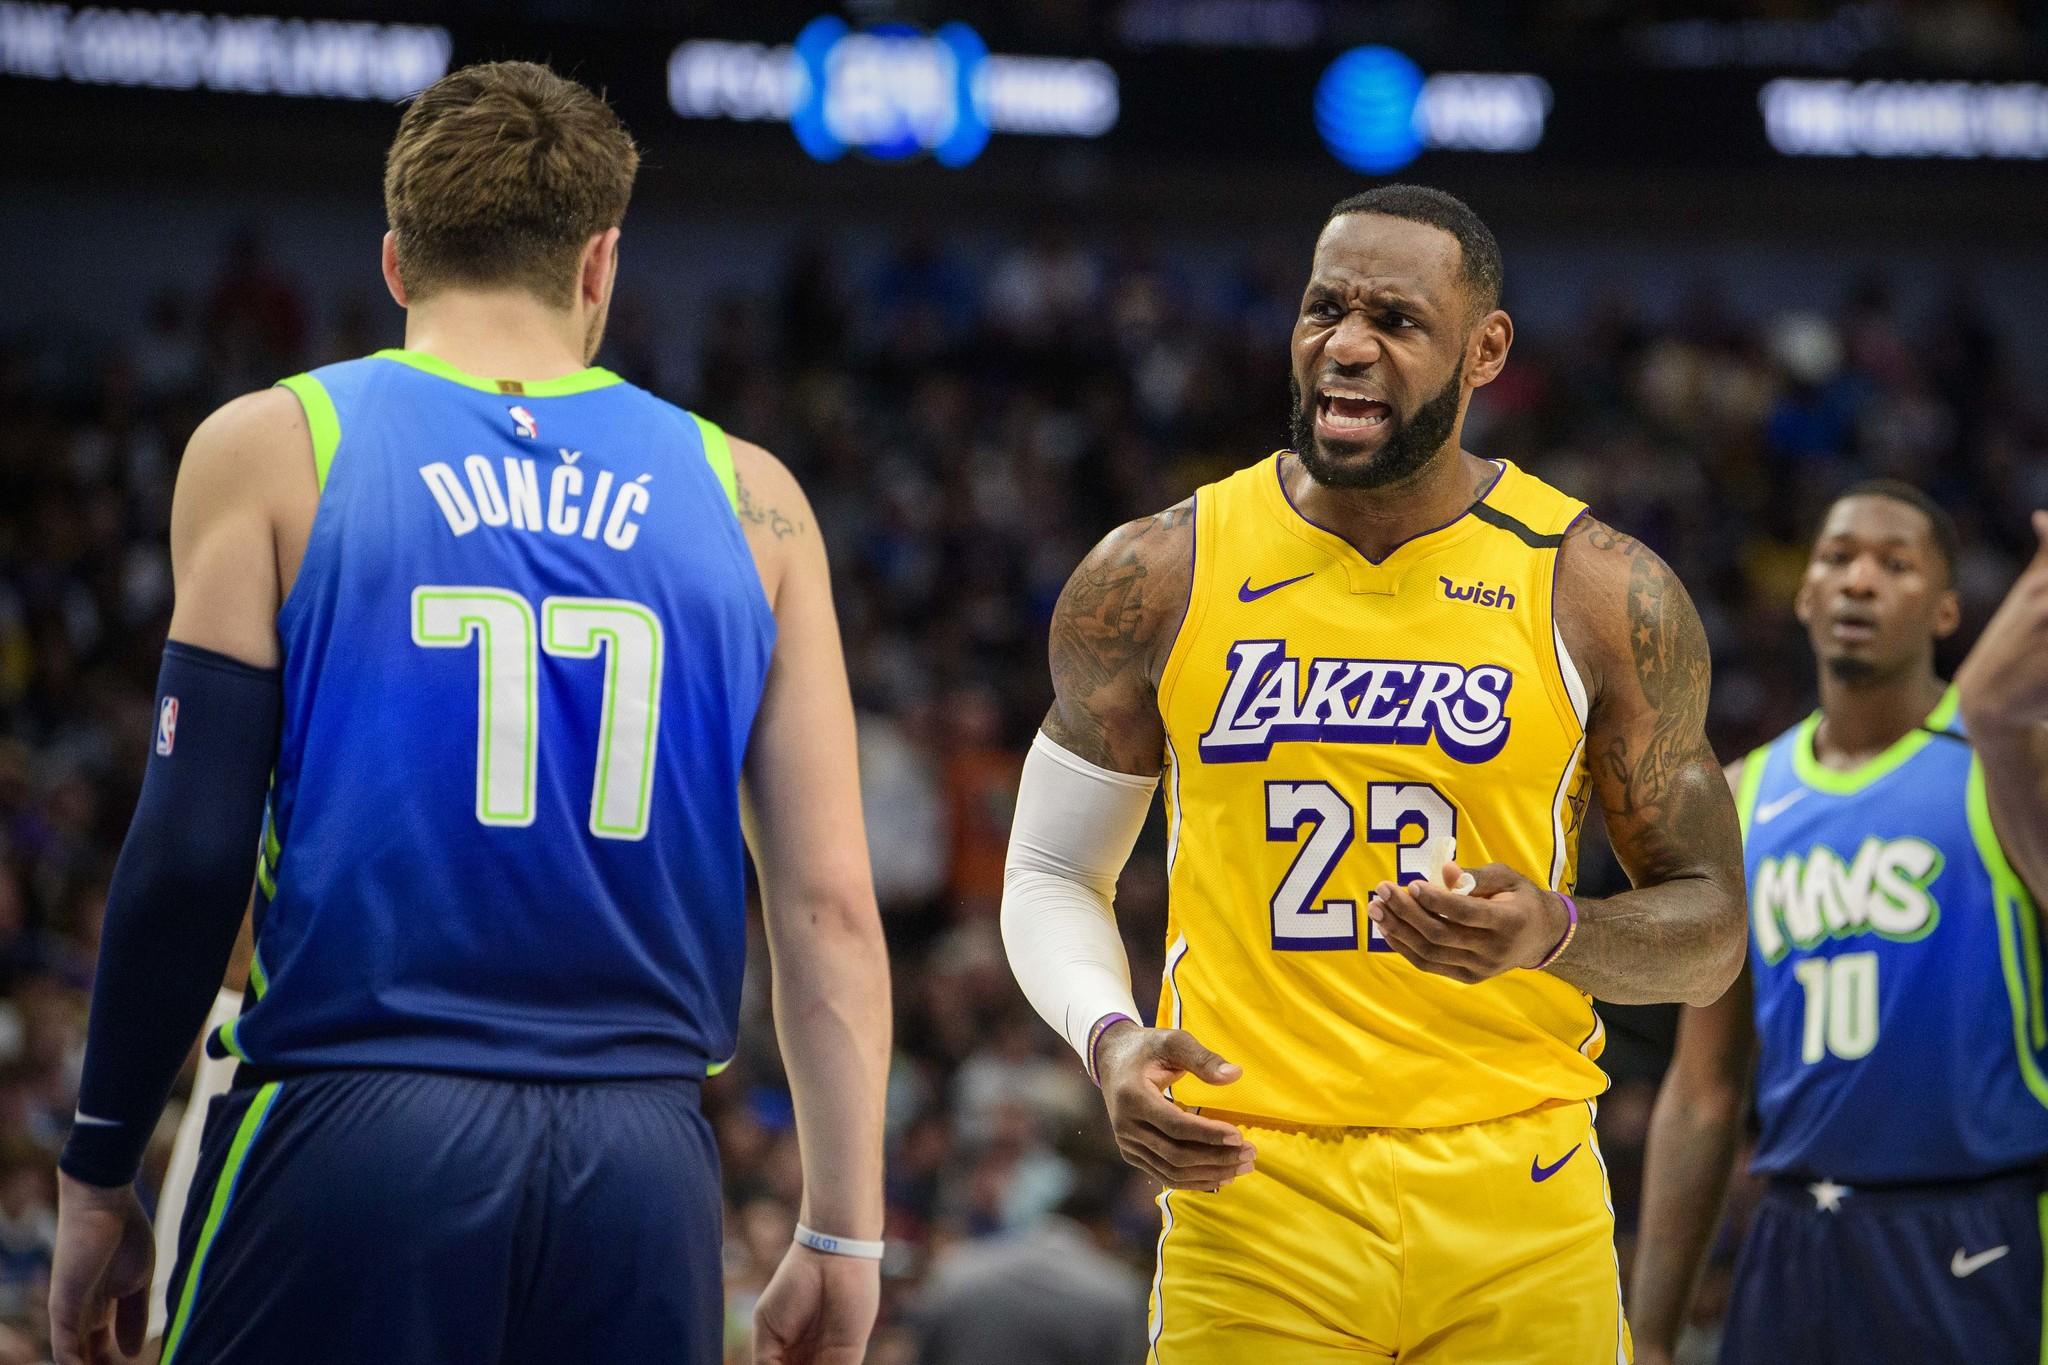 """La desesperación de Doncic ante un descomunal LeBron: """"Me sentía como si no supiese jugar al baloncesto"""""""